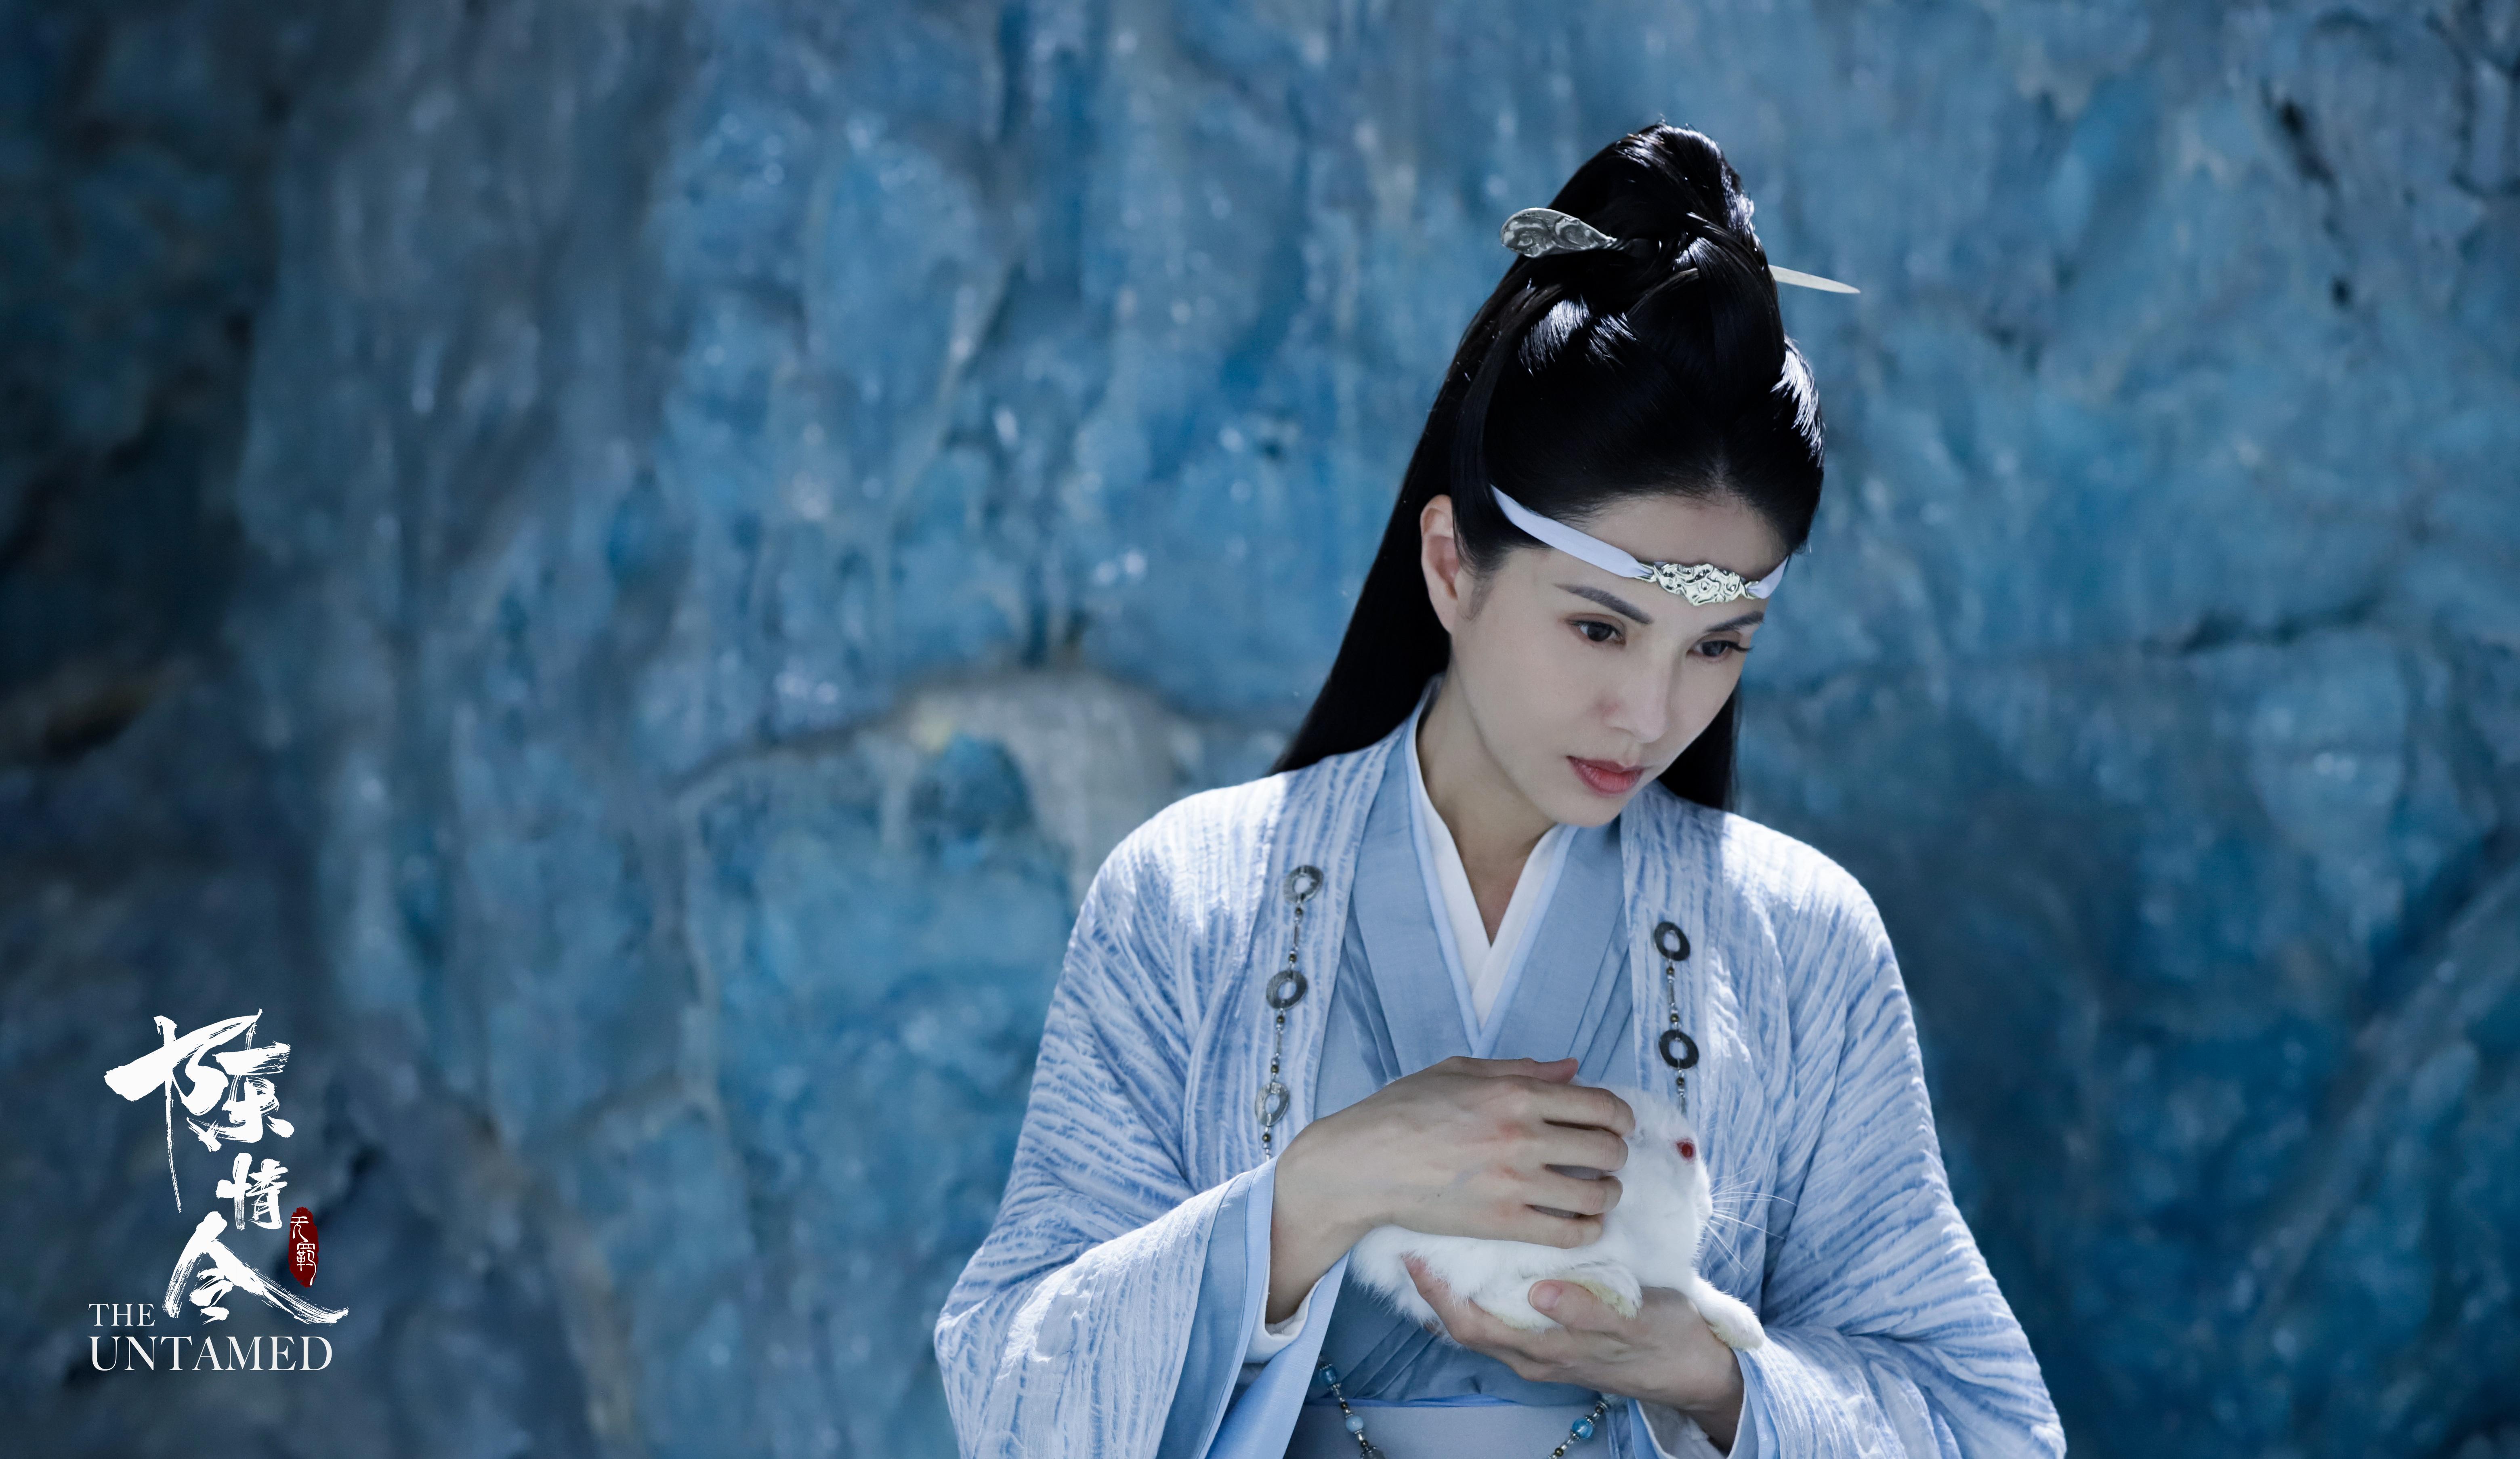 《陳情令》爆紅,李若彤的古裝扮相再次出現,李若彤說喜歡歷史古裝劇,之前都有追看《延禧攻略》。